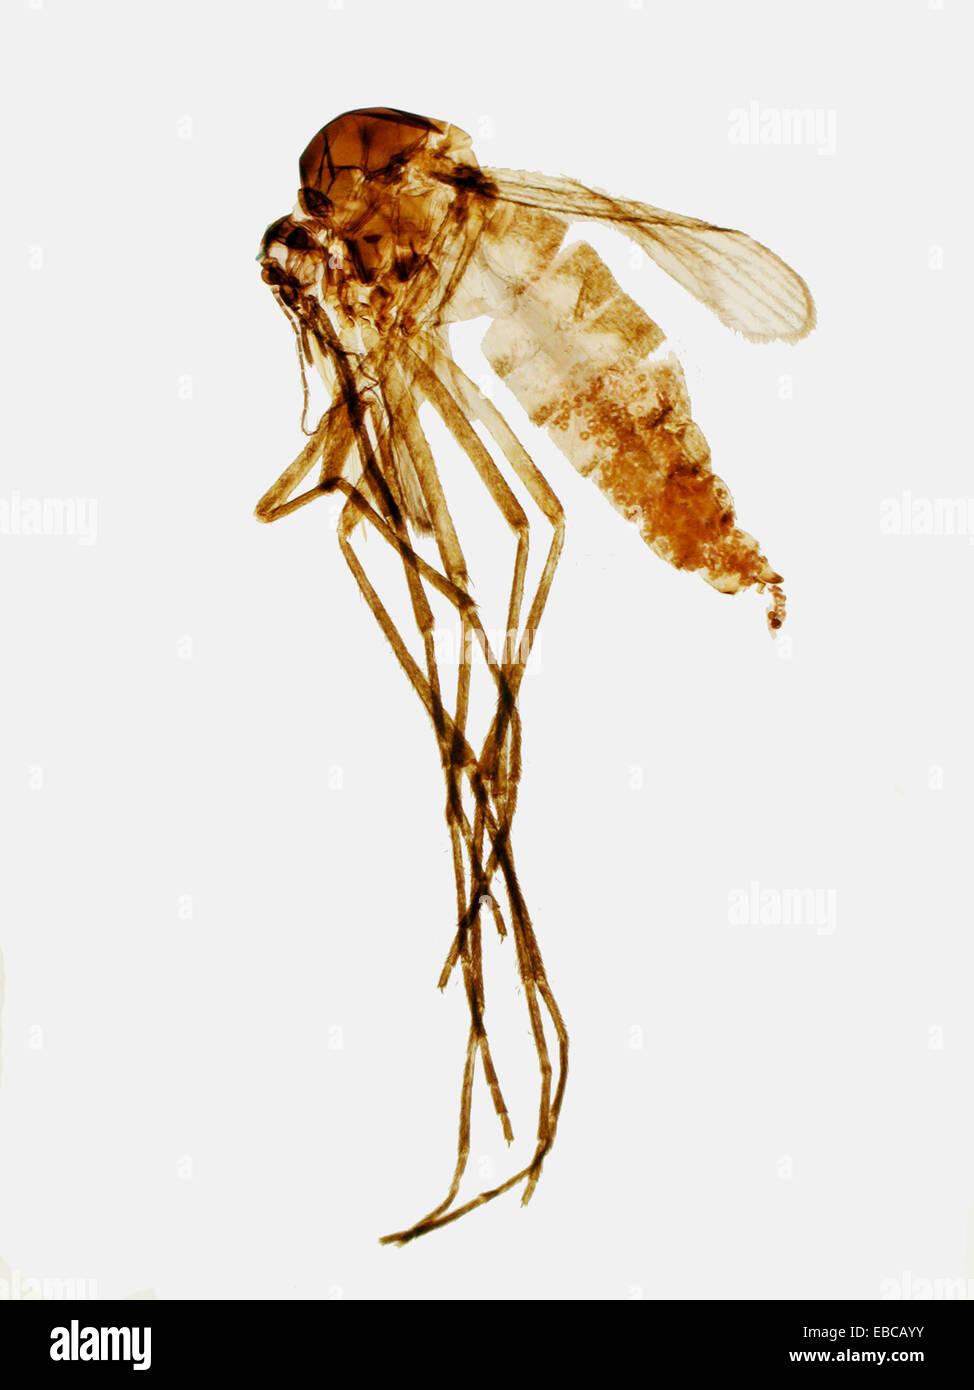 Mosquito adulto, hembra, Culex sp , Culicidae, microscopio óptico ...